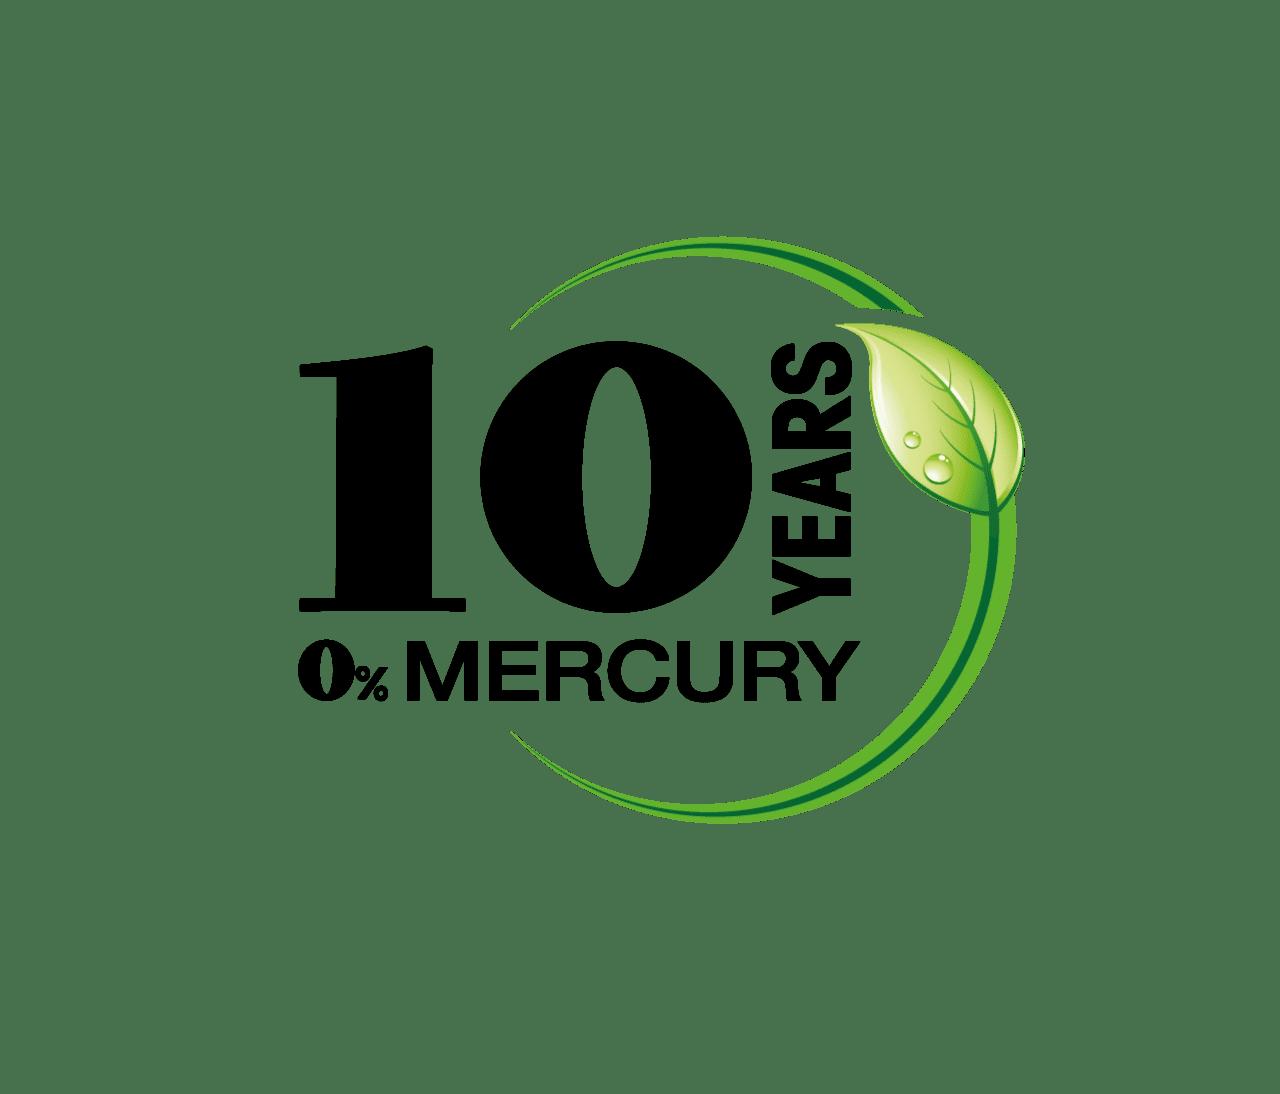 EXE_logo10years_0mercury_UK-02